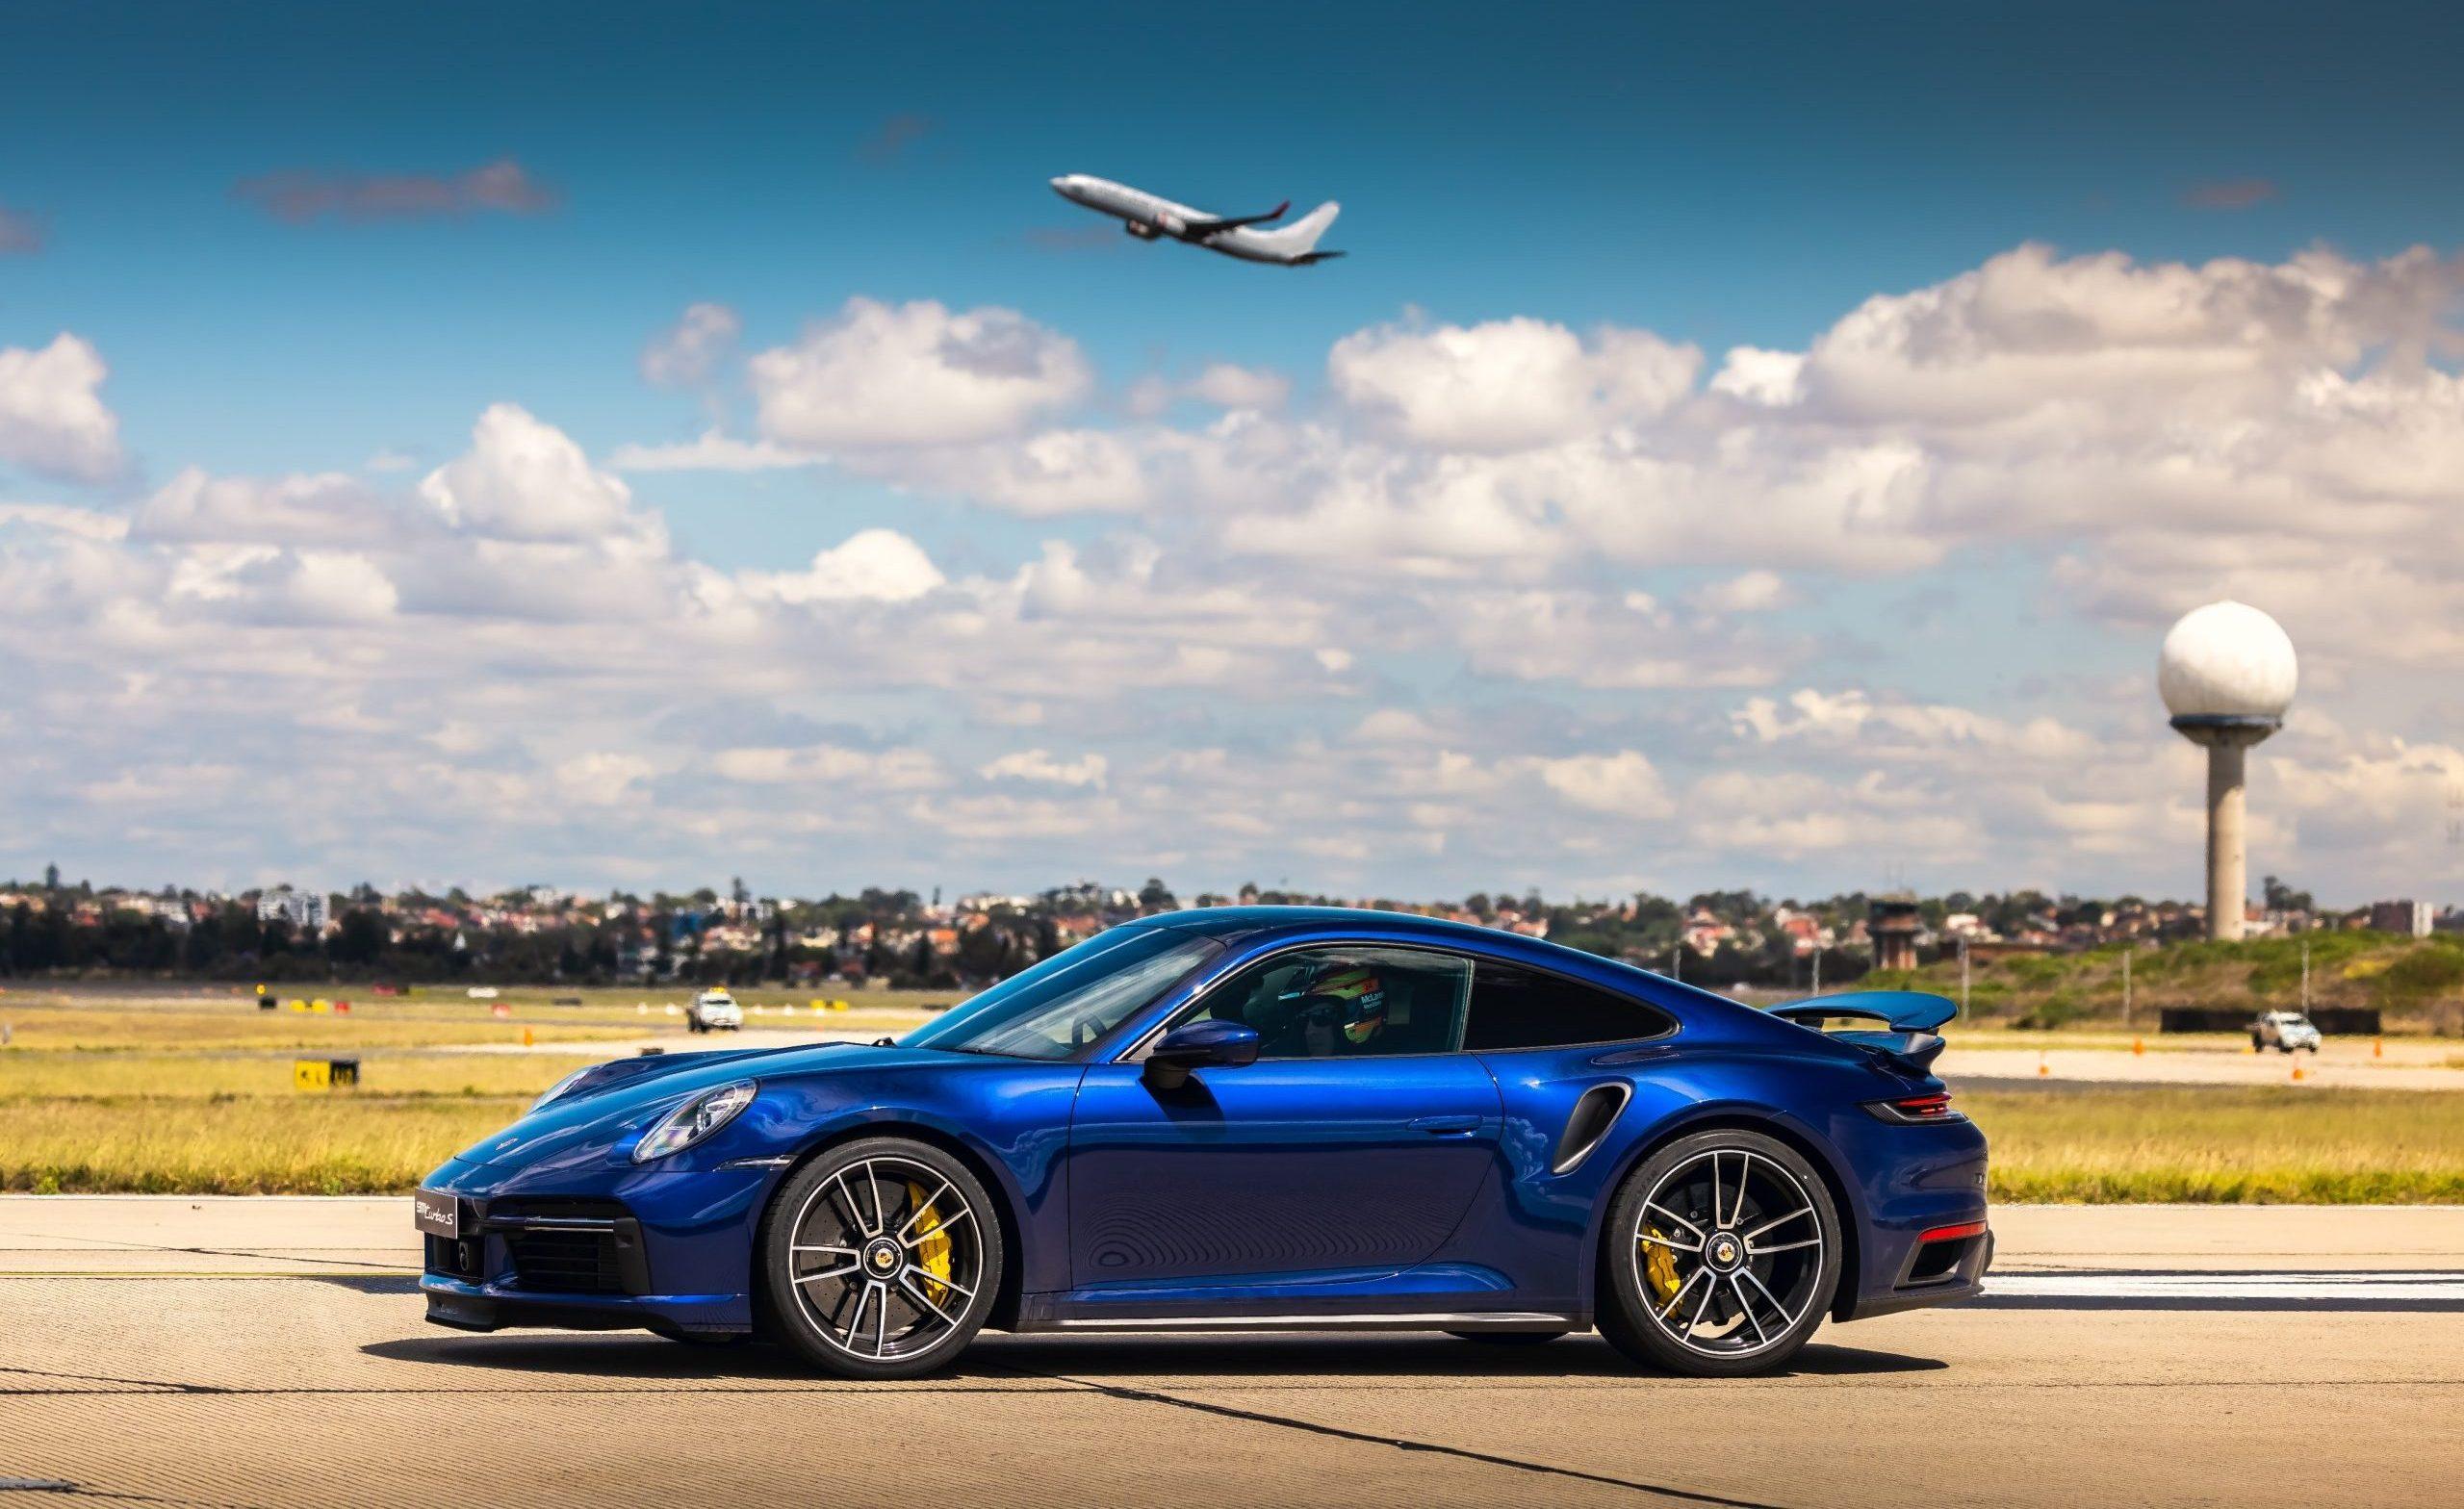 """En Porsche Turbo S ved """"Launch Control"""" på bane 16L/34R i Sydney Airport, New South Wales, Australien, den 30. oktober 2020. Foto: Daniel Kalisz/Porsche AG"""